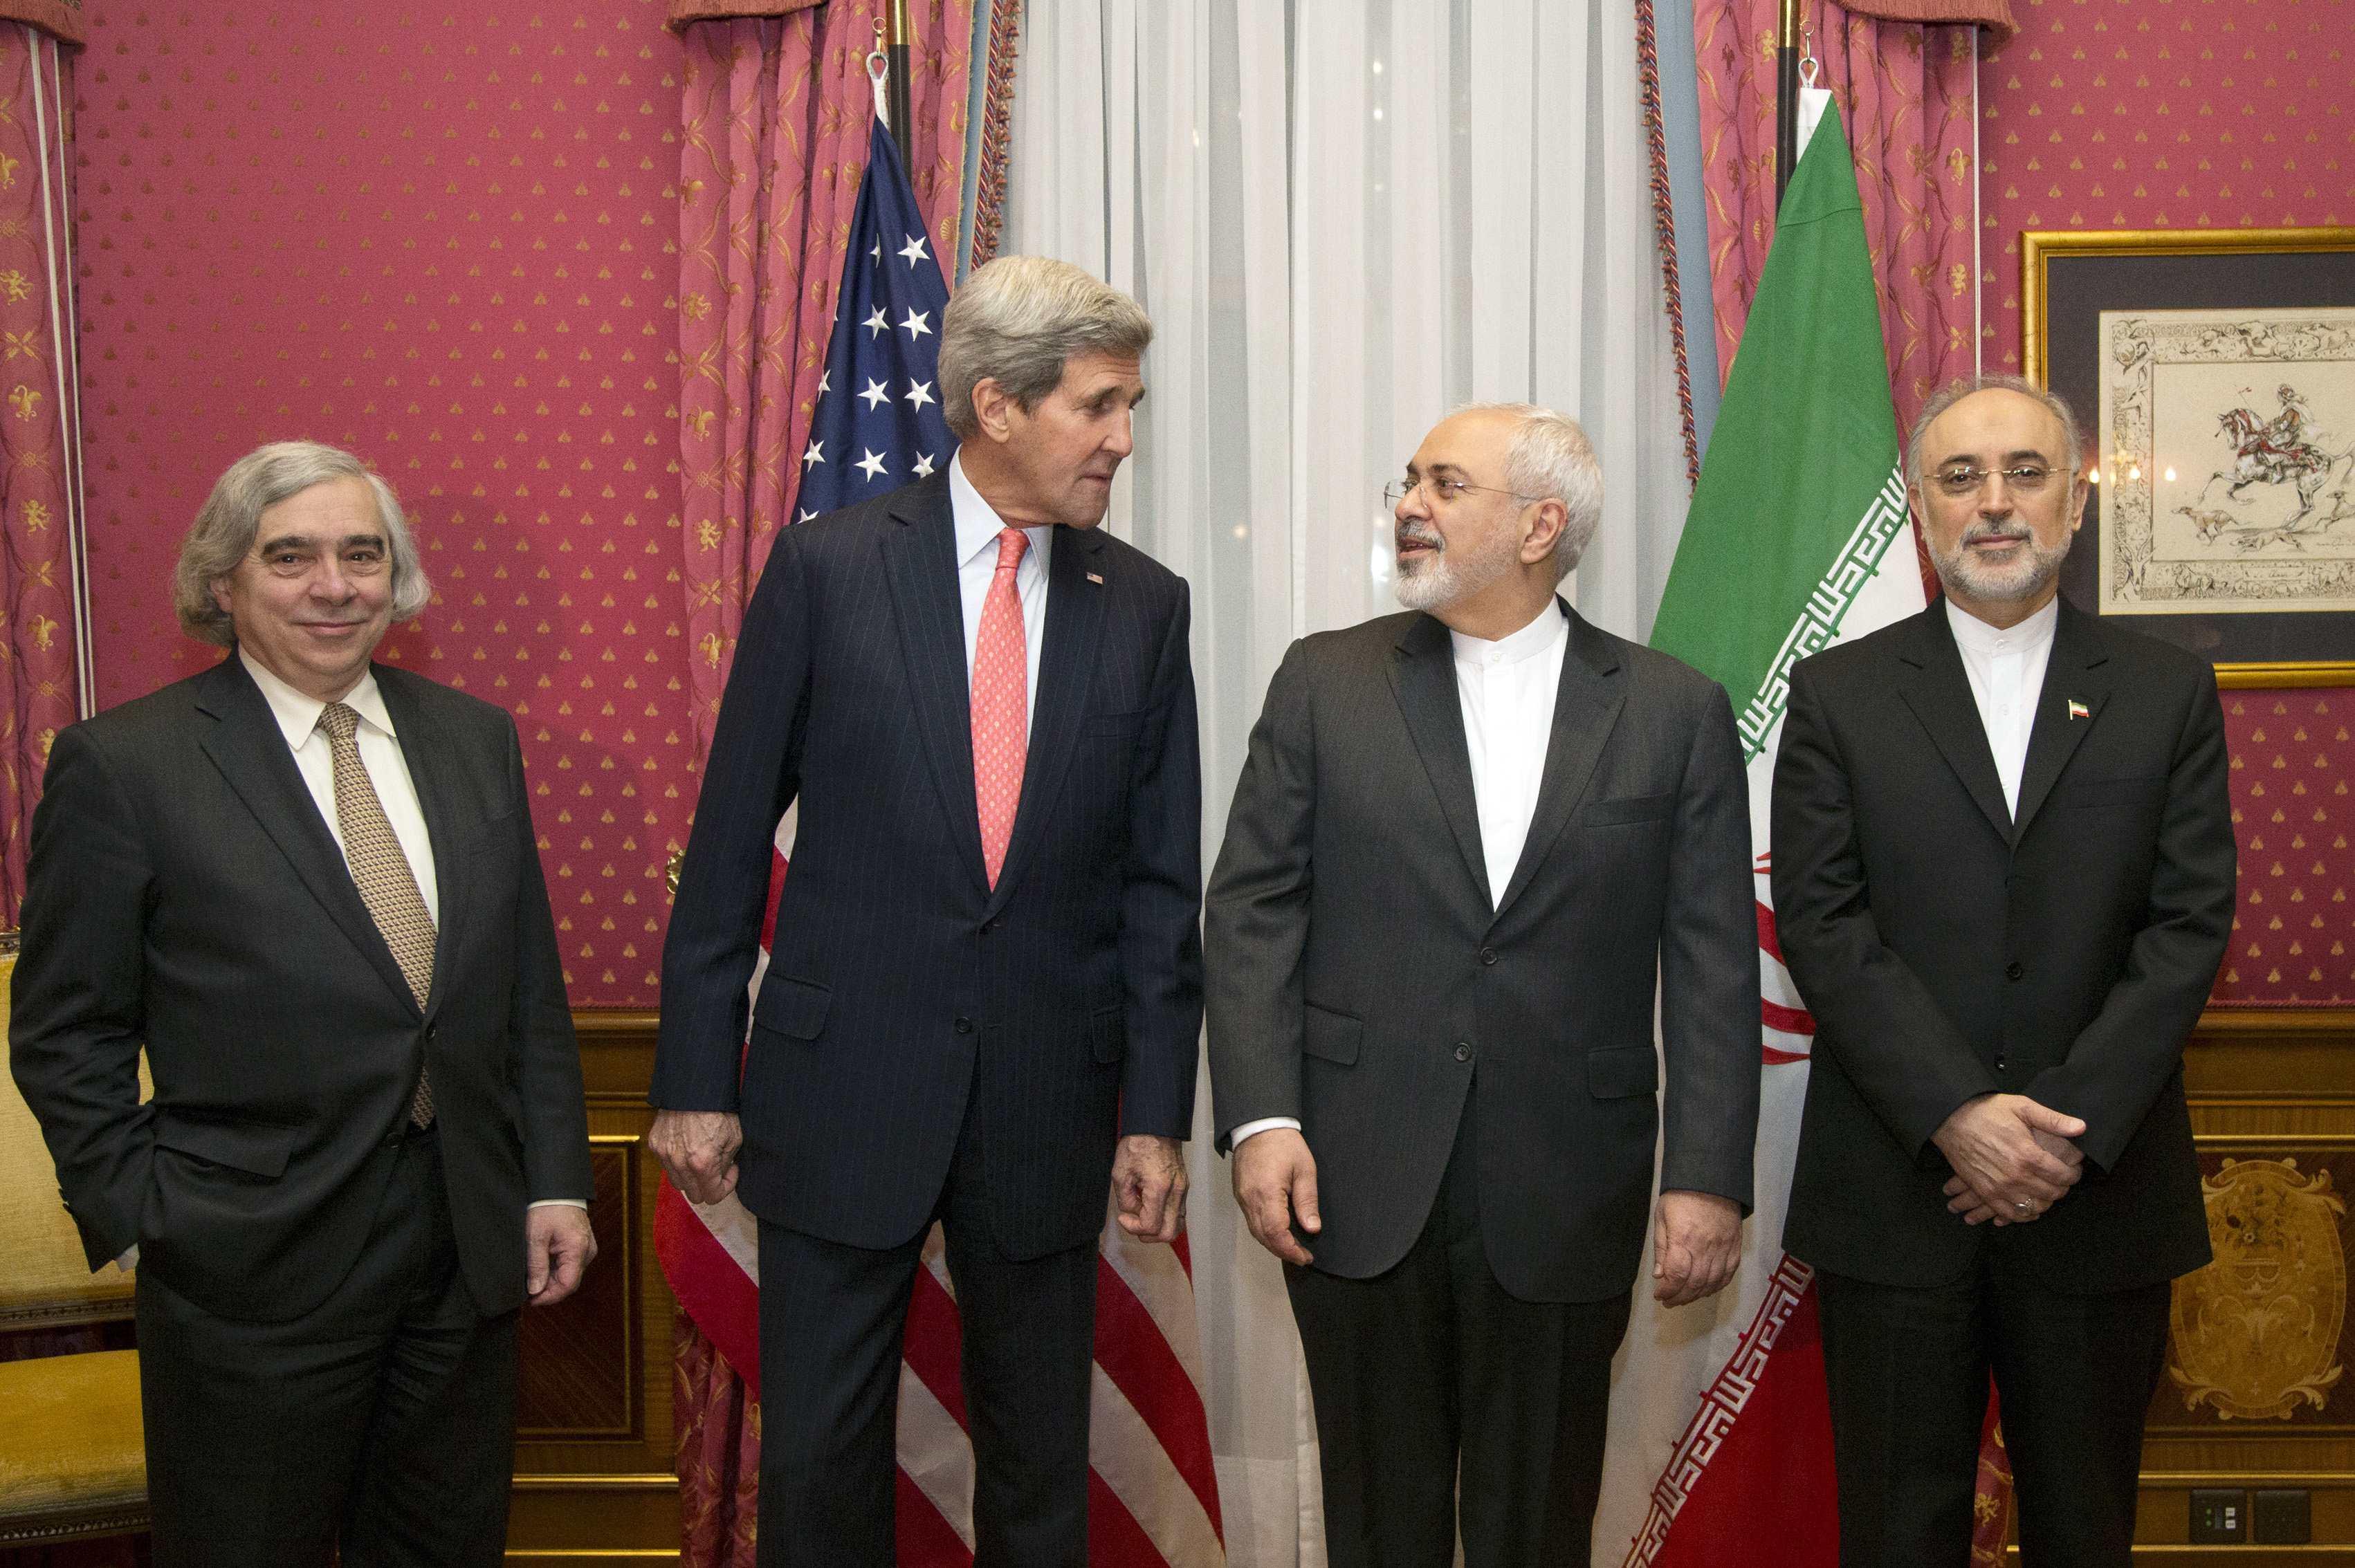 Obama Optimistic About Iran Nuclear Deal Despite Khameneis Comments